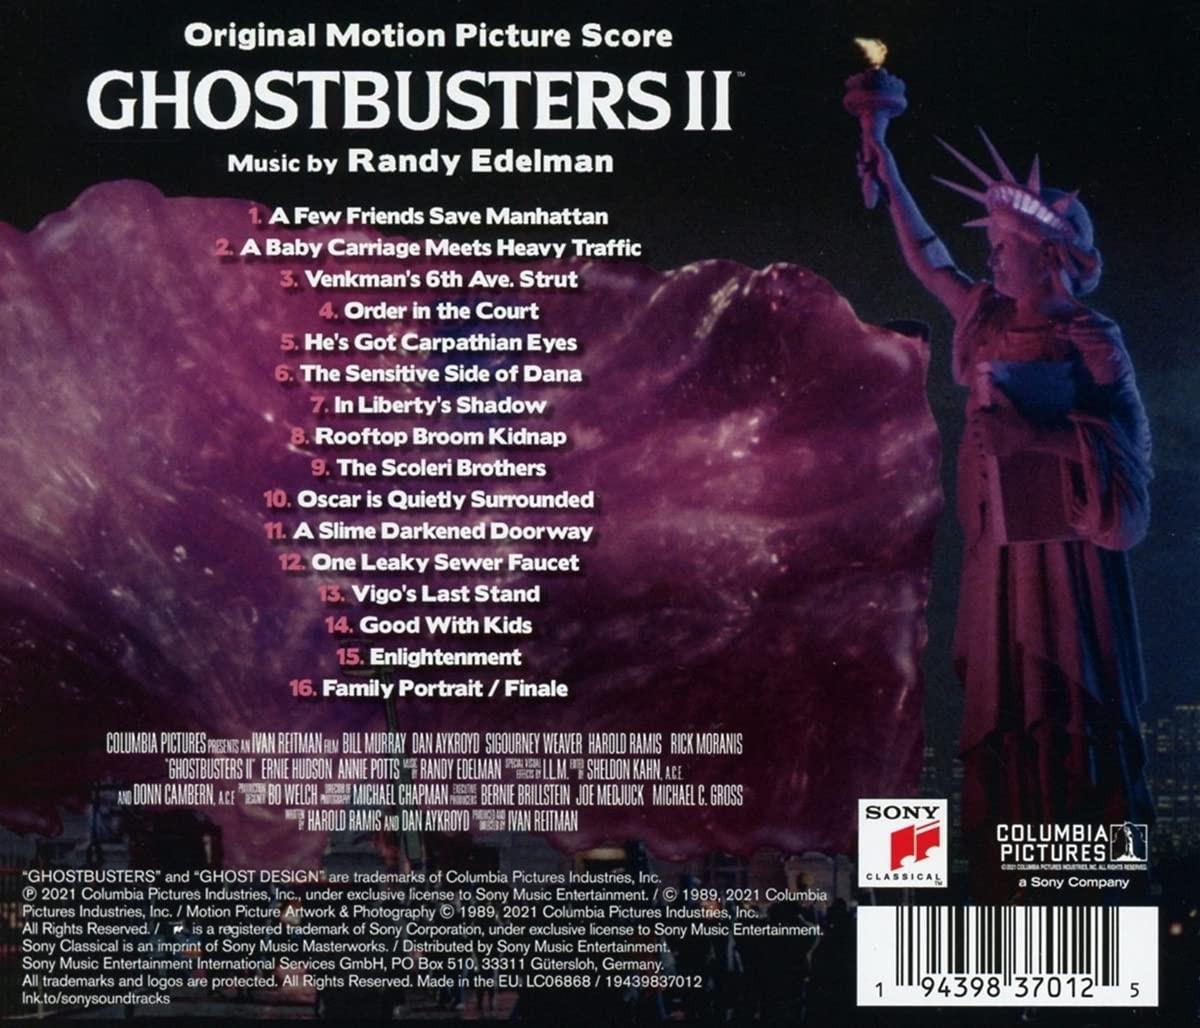 Ghostbusters II - okładka soundtracku CD (tył)